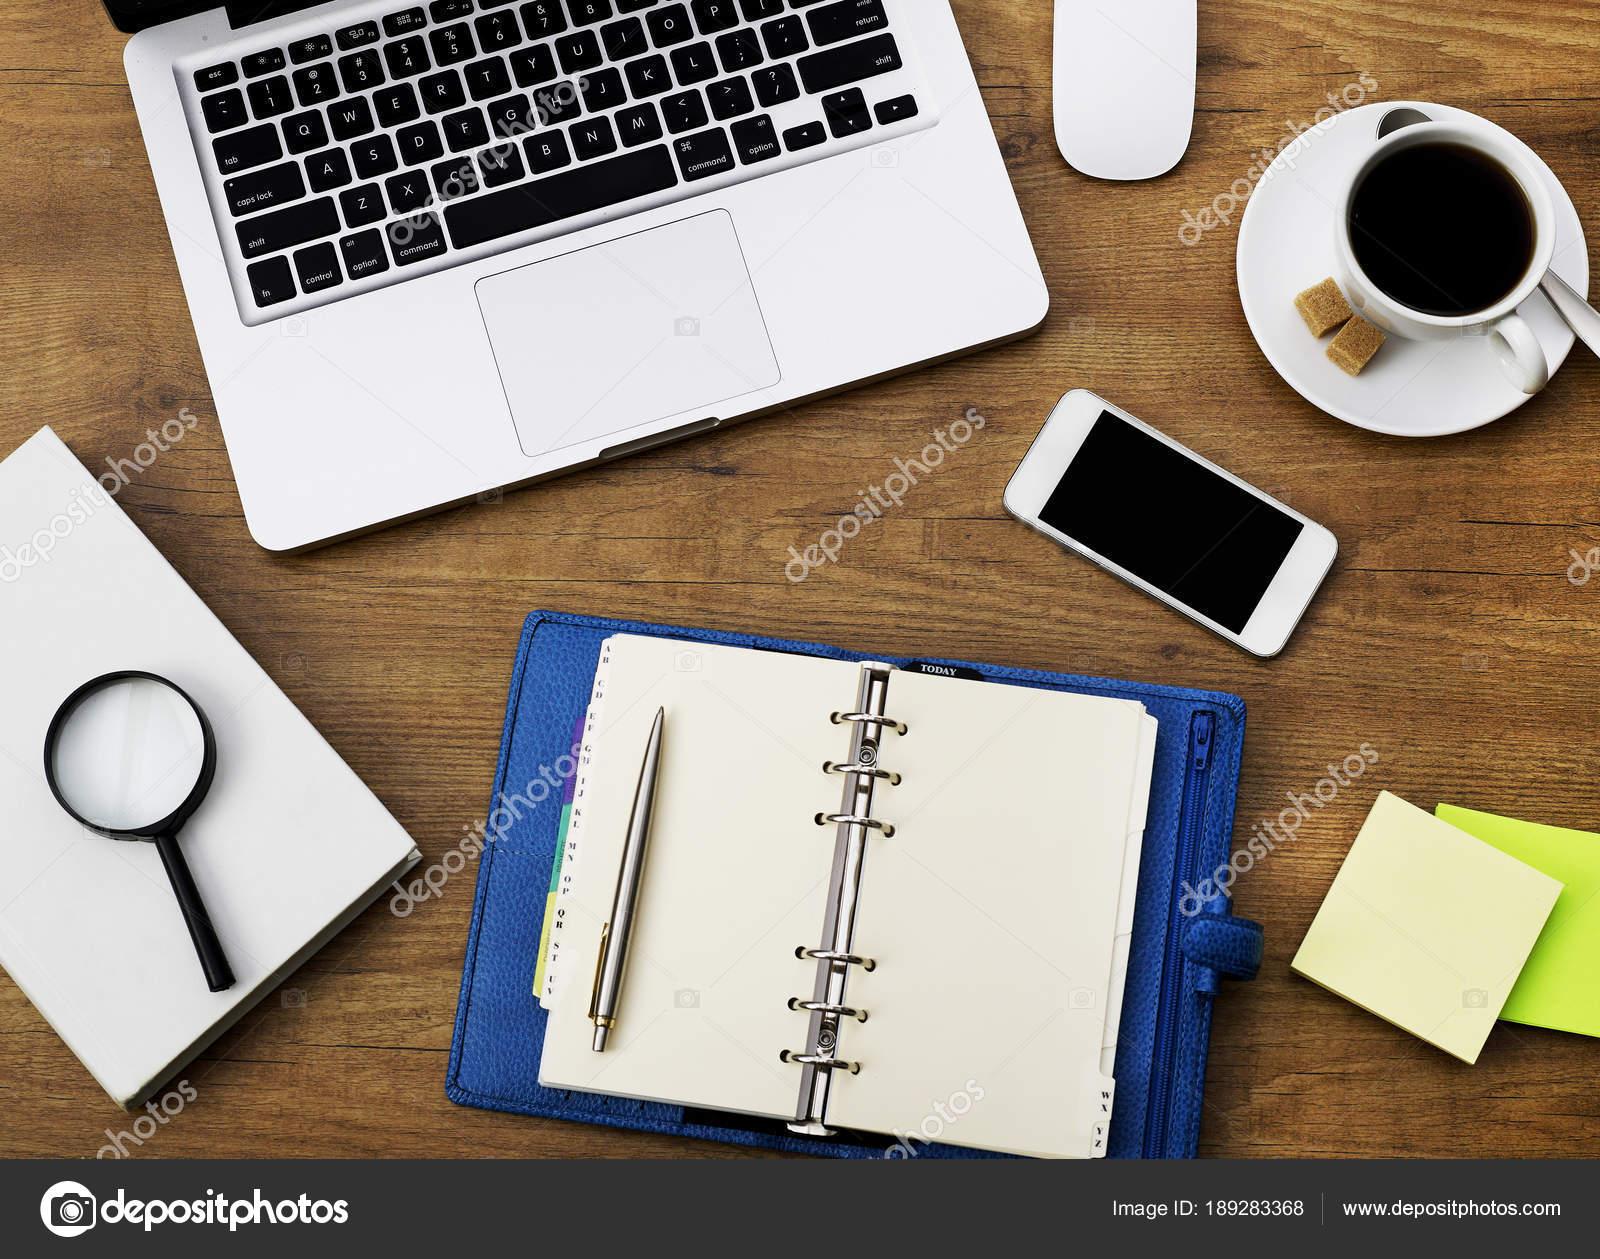 Oggetti Per Ufficio : Articoli per ufficio e agenda u2014 foto stock © goir #189283368